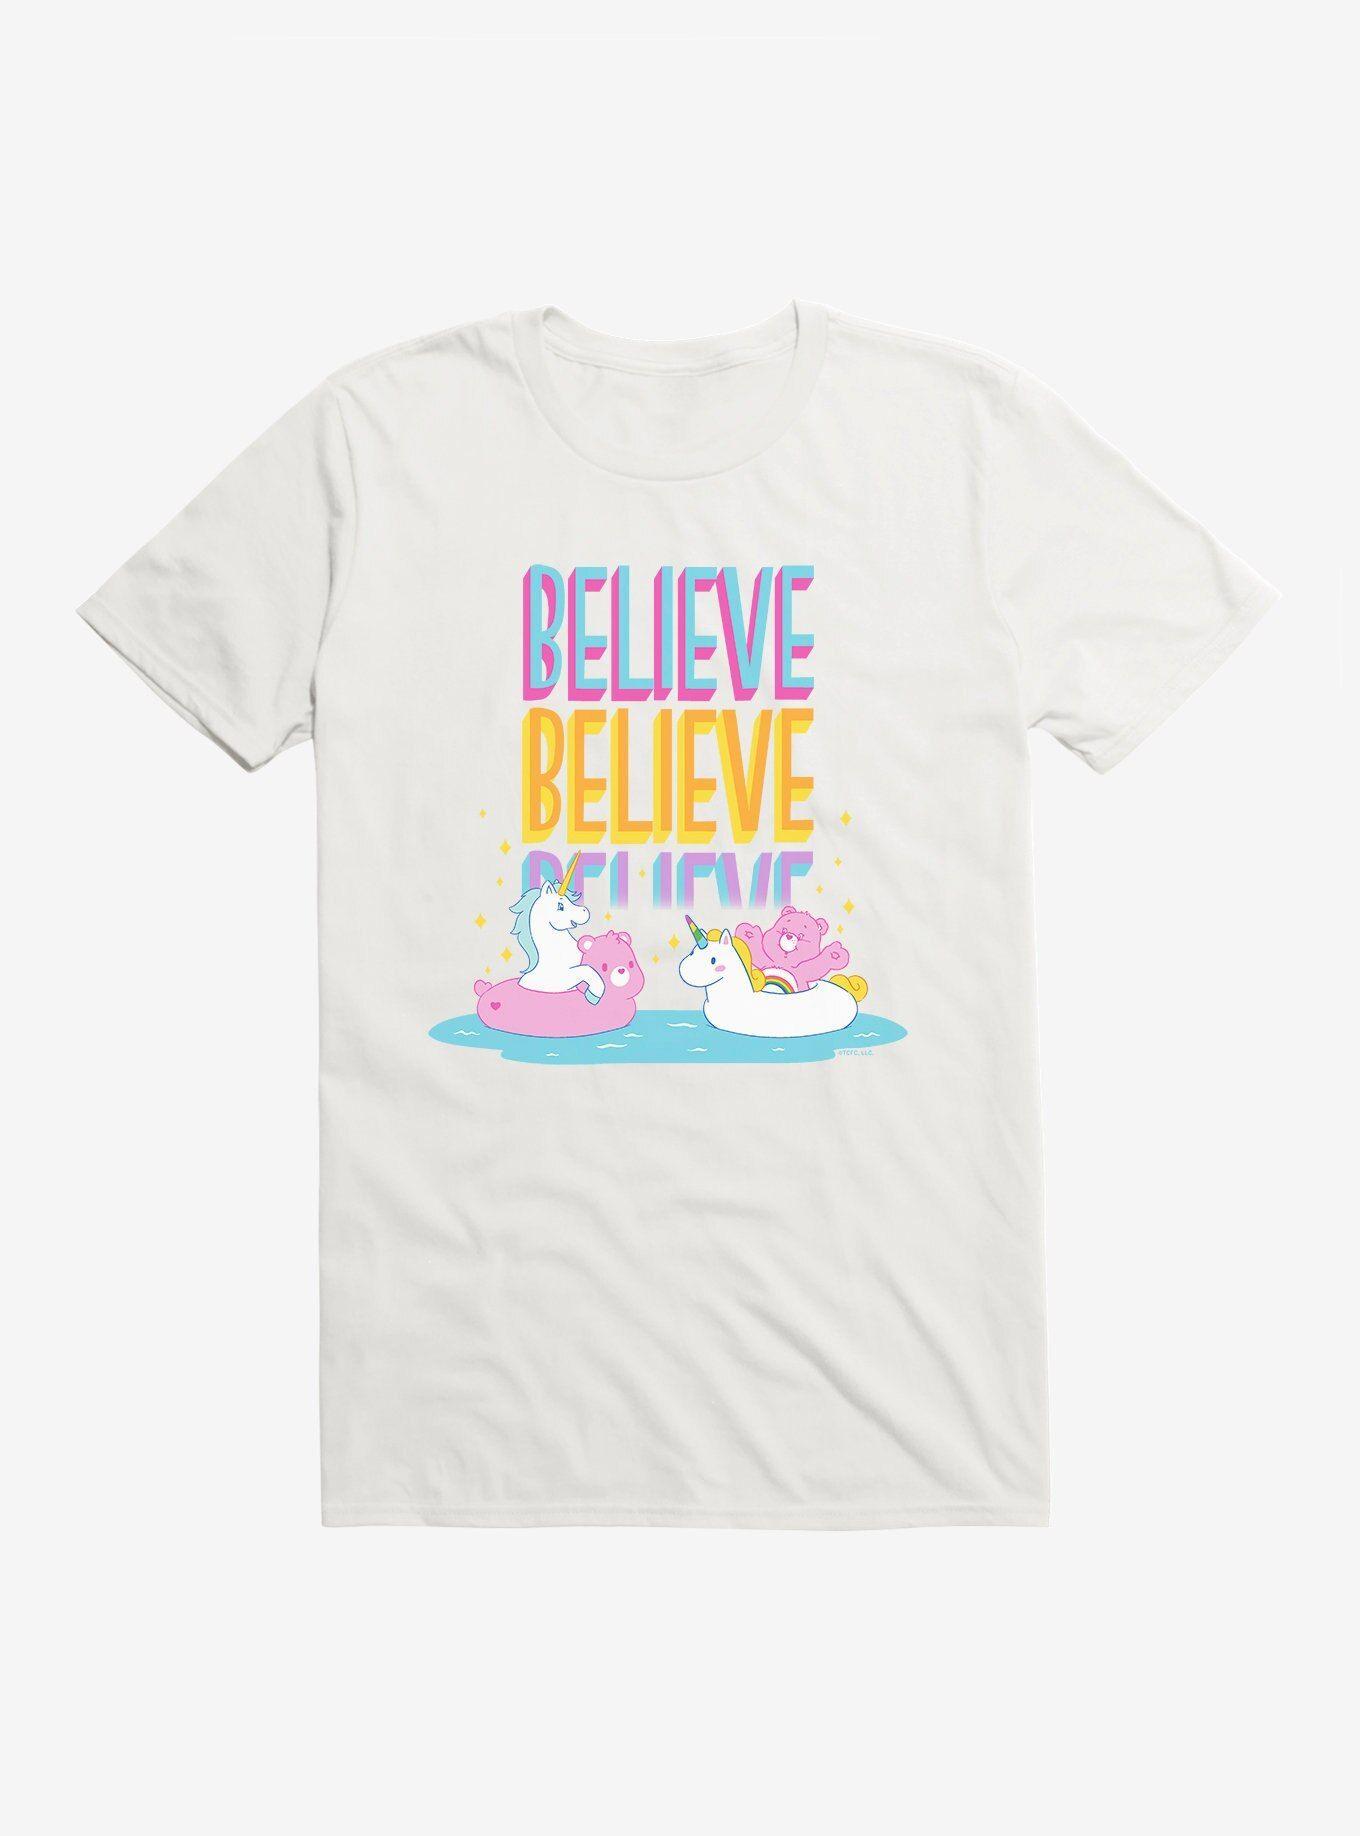 Care Bears Cheer Believe TShirt WHITE  Long Sleeve Sweatshirt Hoodie